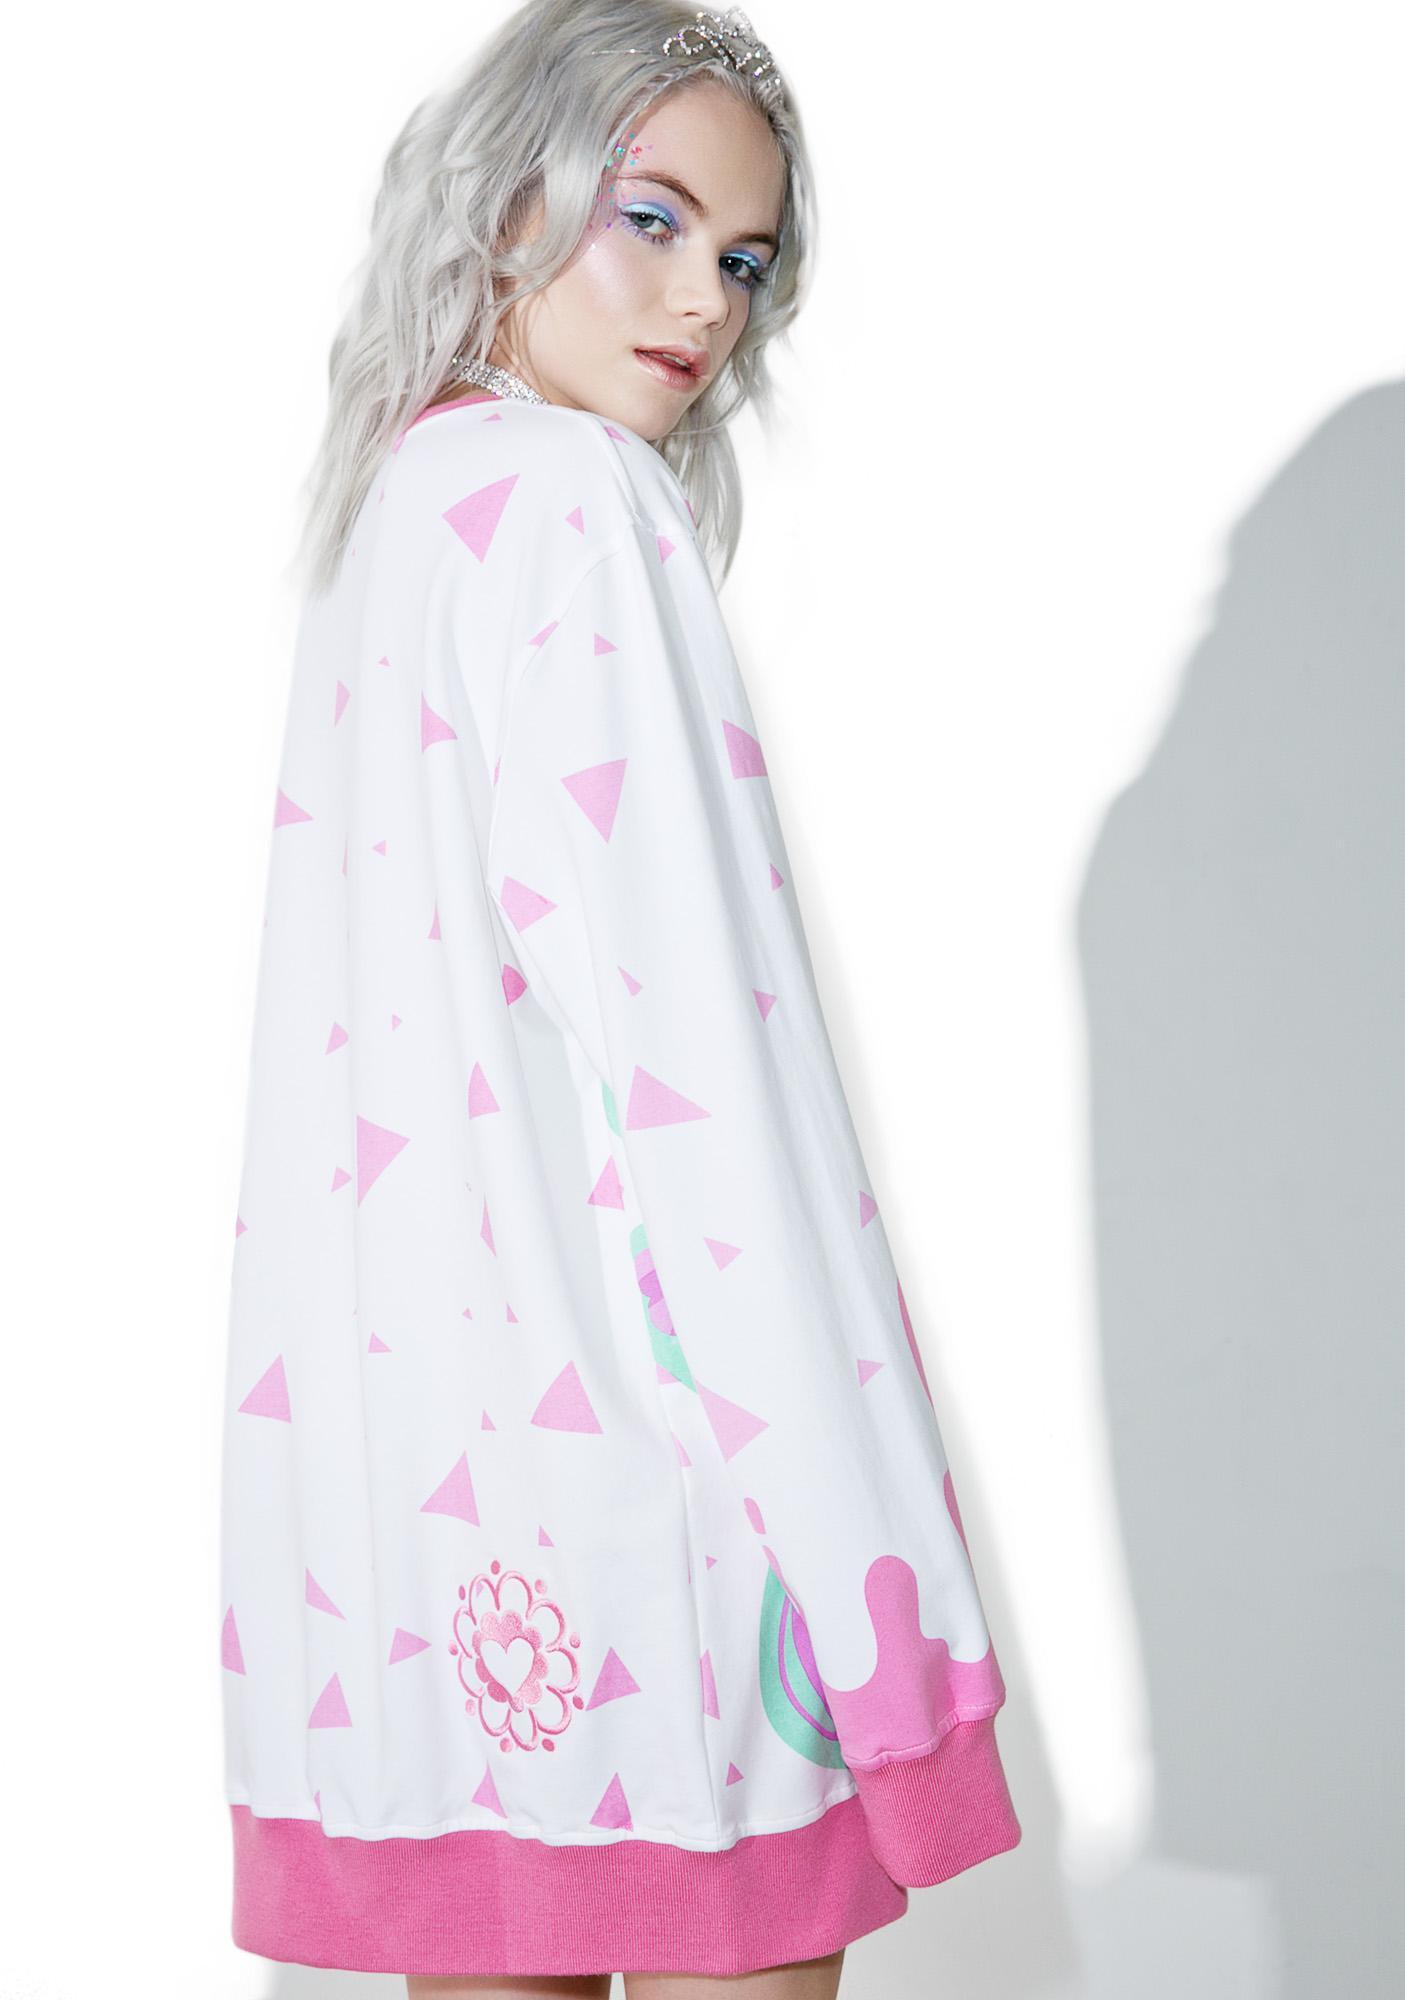 Japan L.A. X Miss Kika Pizza Sweatshirt